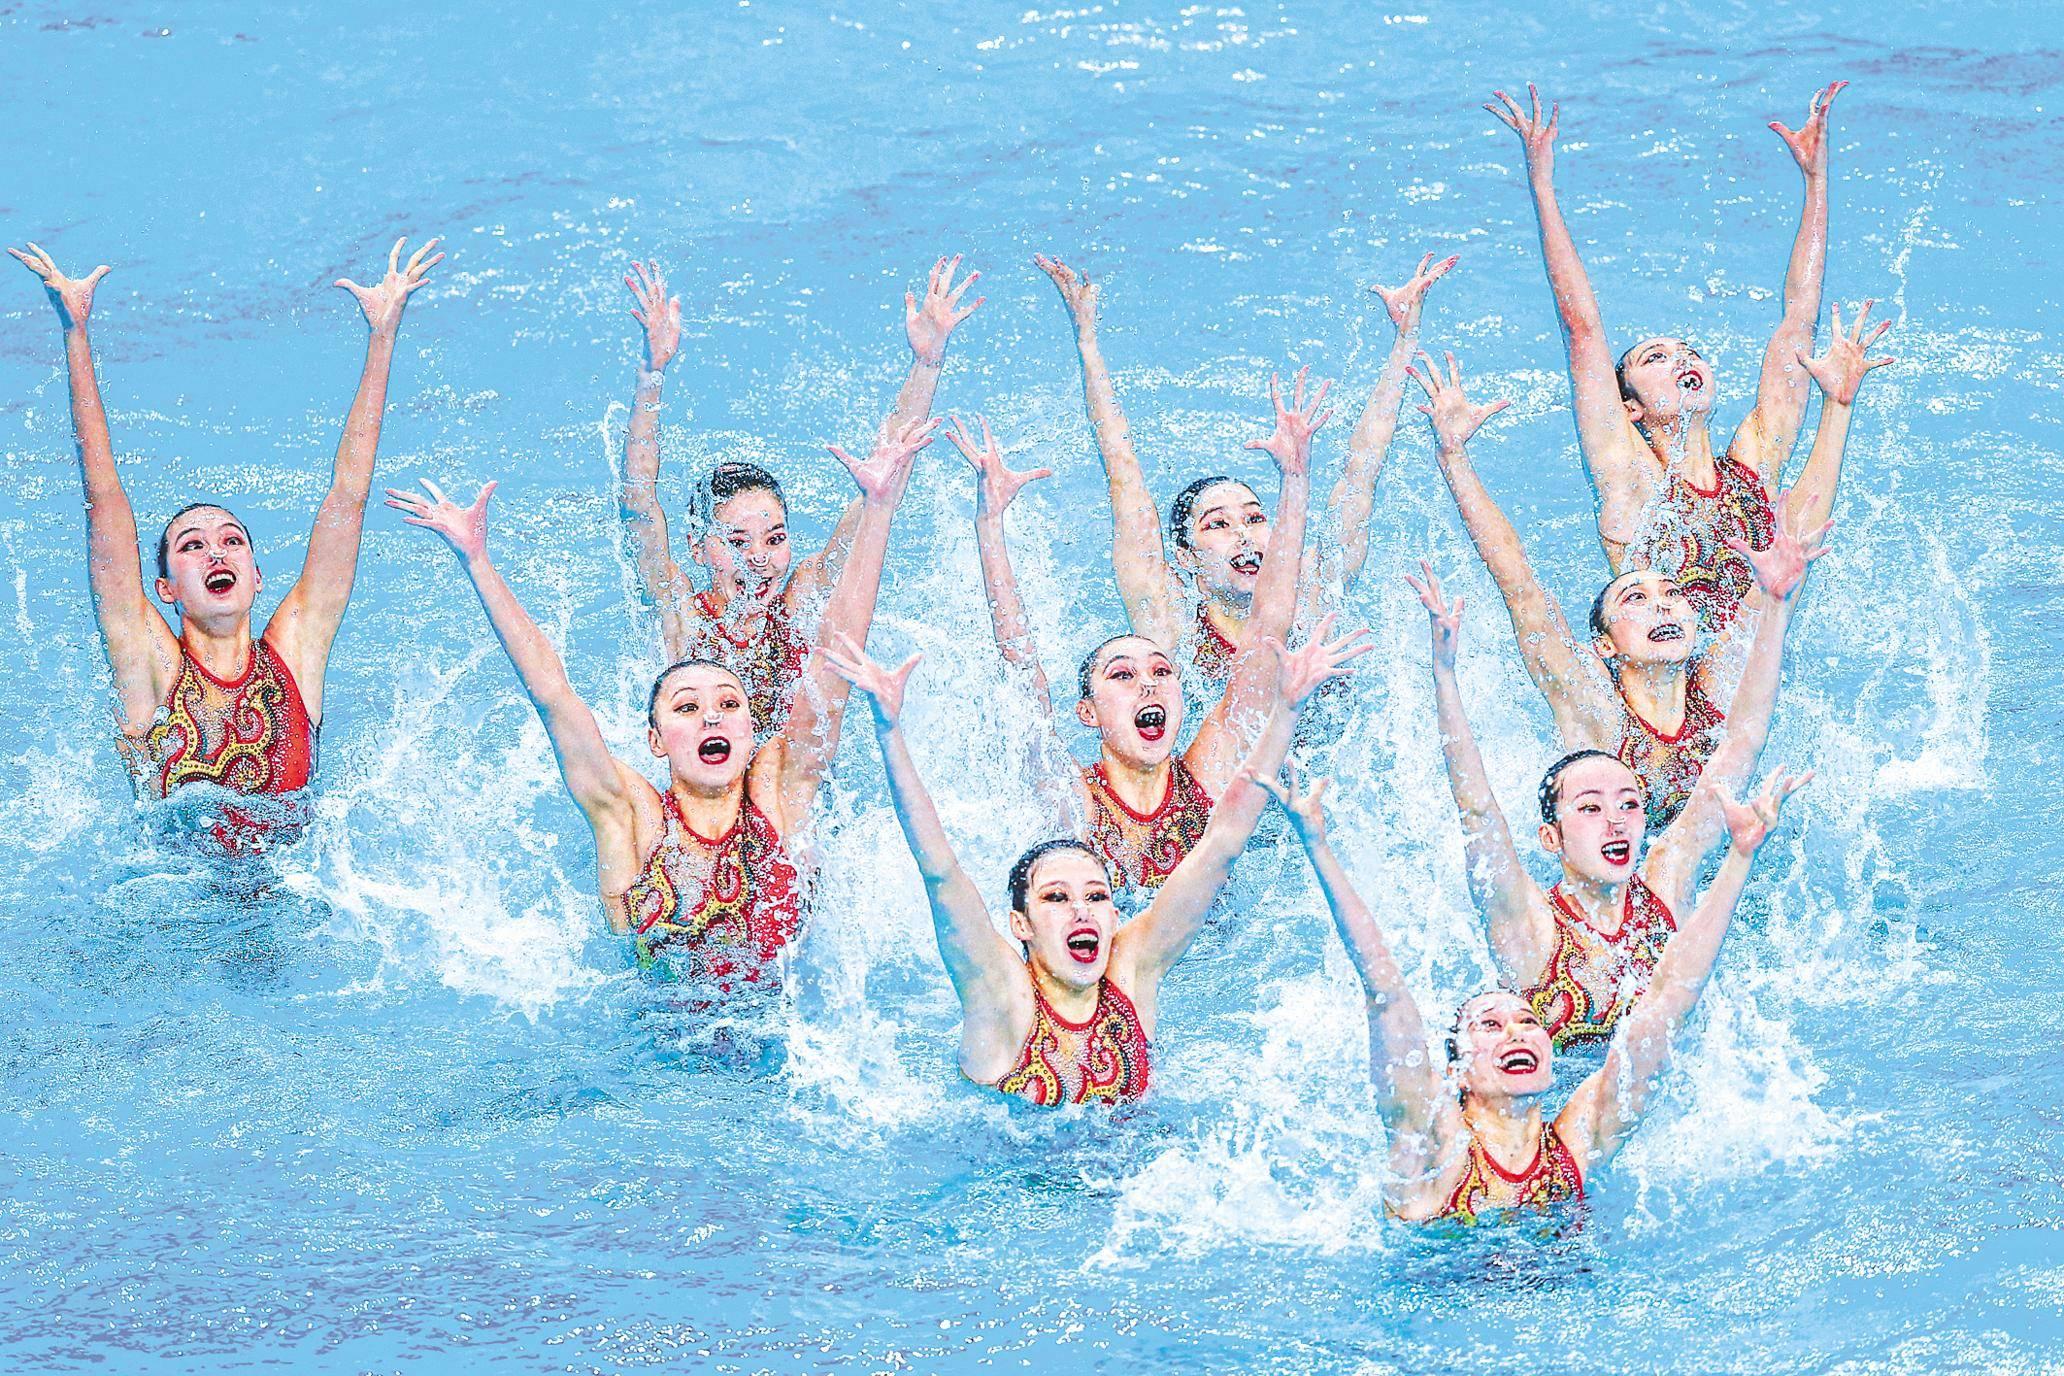 水上芭蕾绽放江城?武汉迎来疫后首个全国性体育赛事